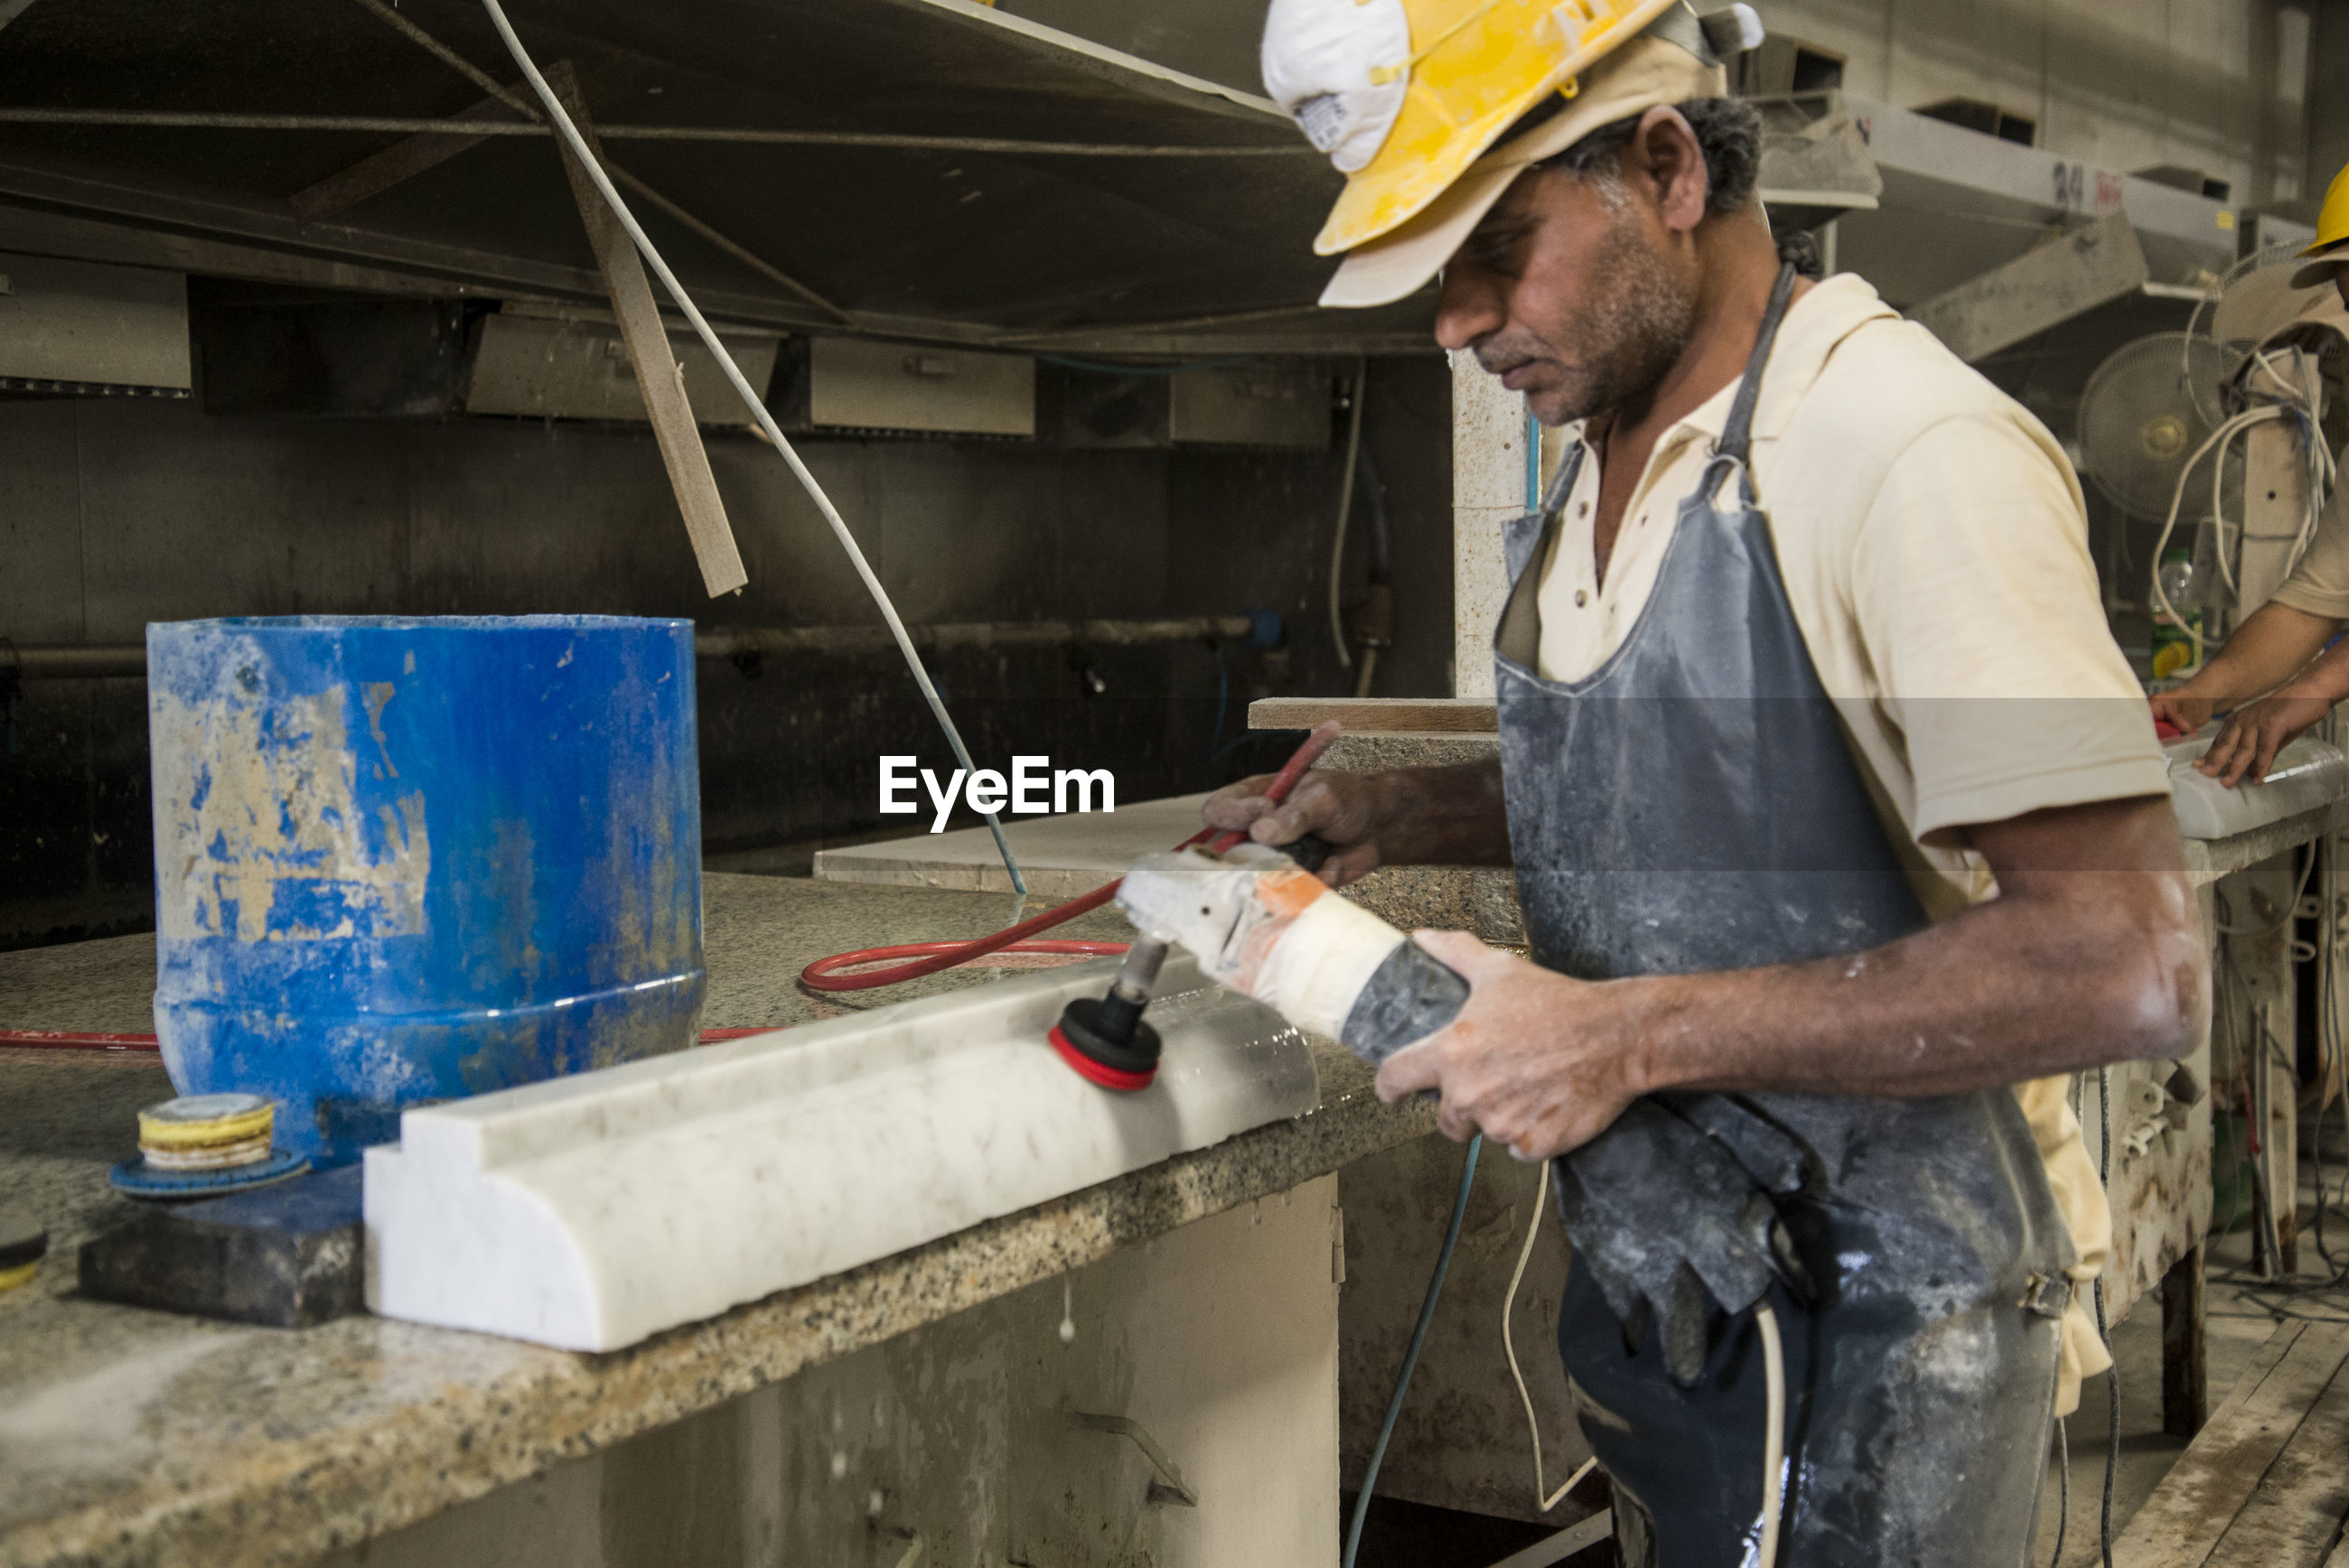 MAN WORKING ON GARBAGE AT WORKSHOP